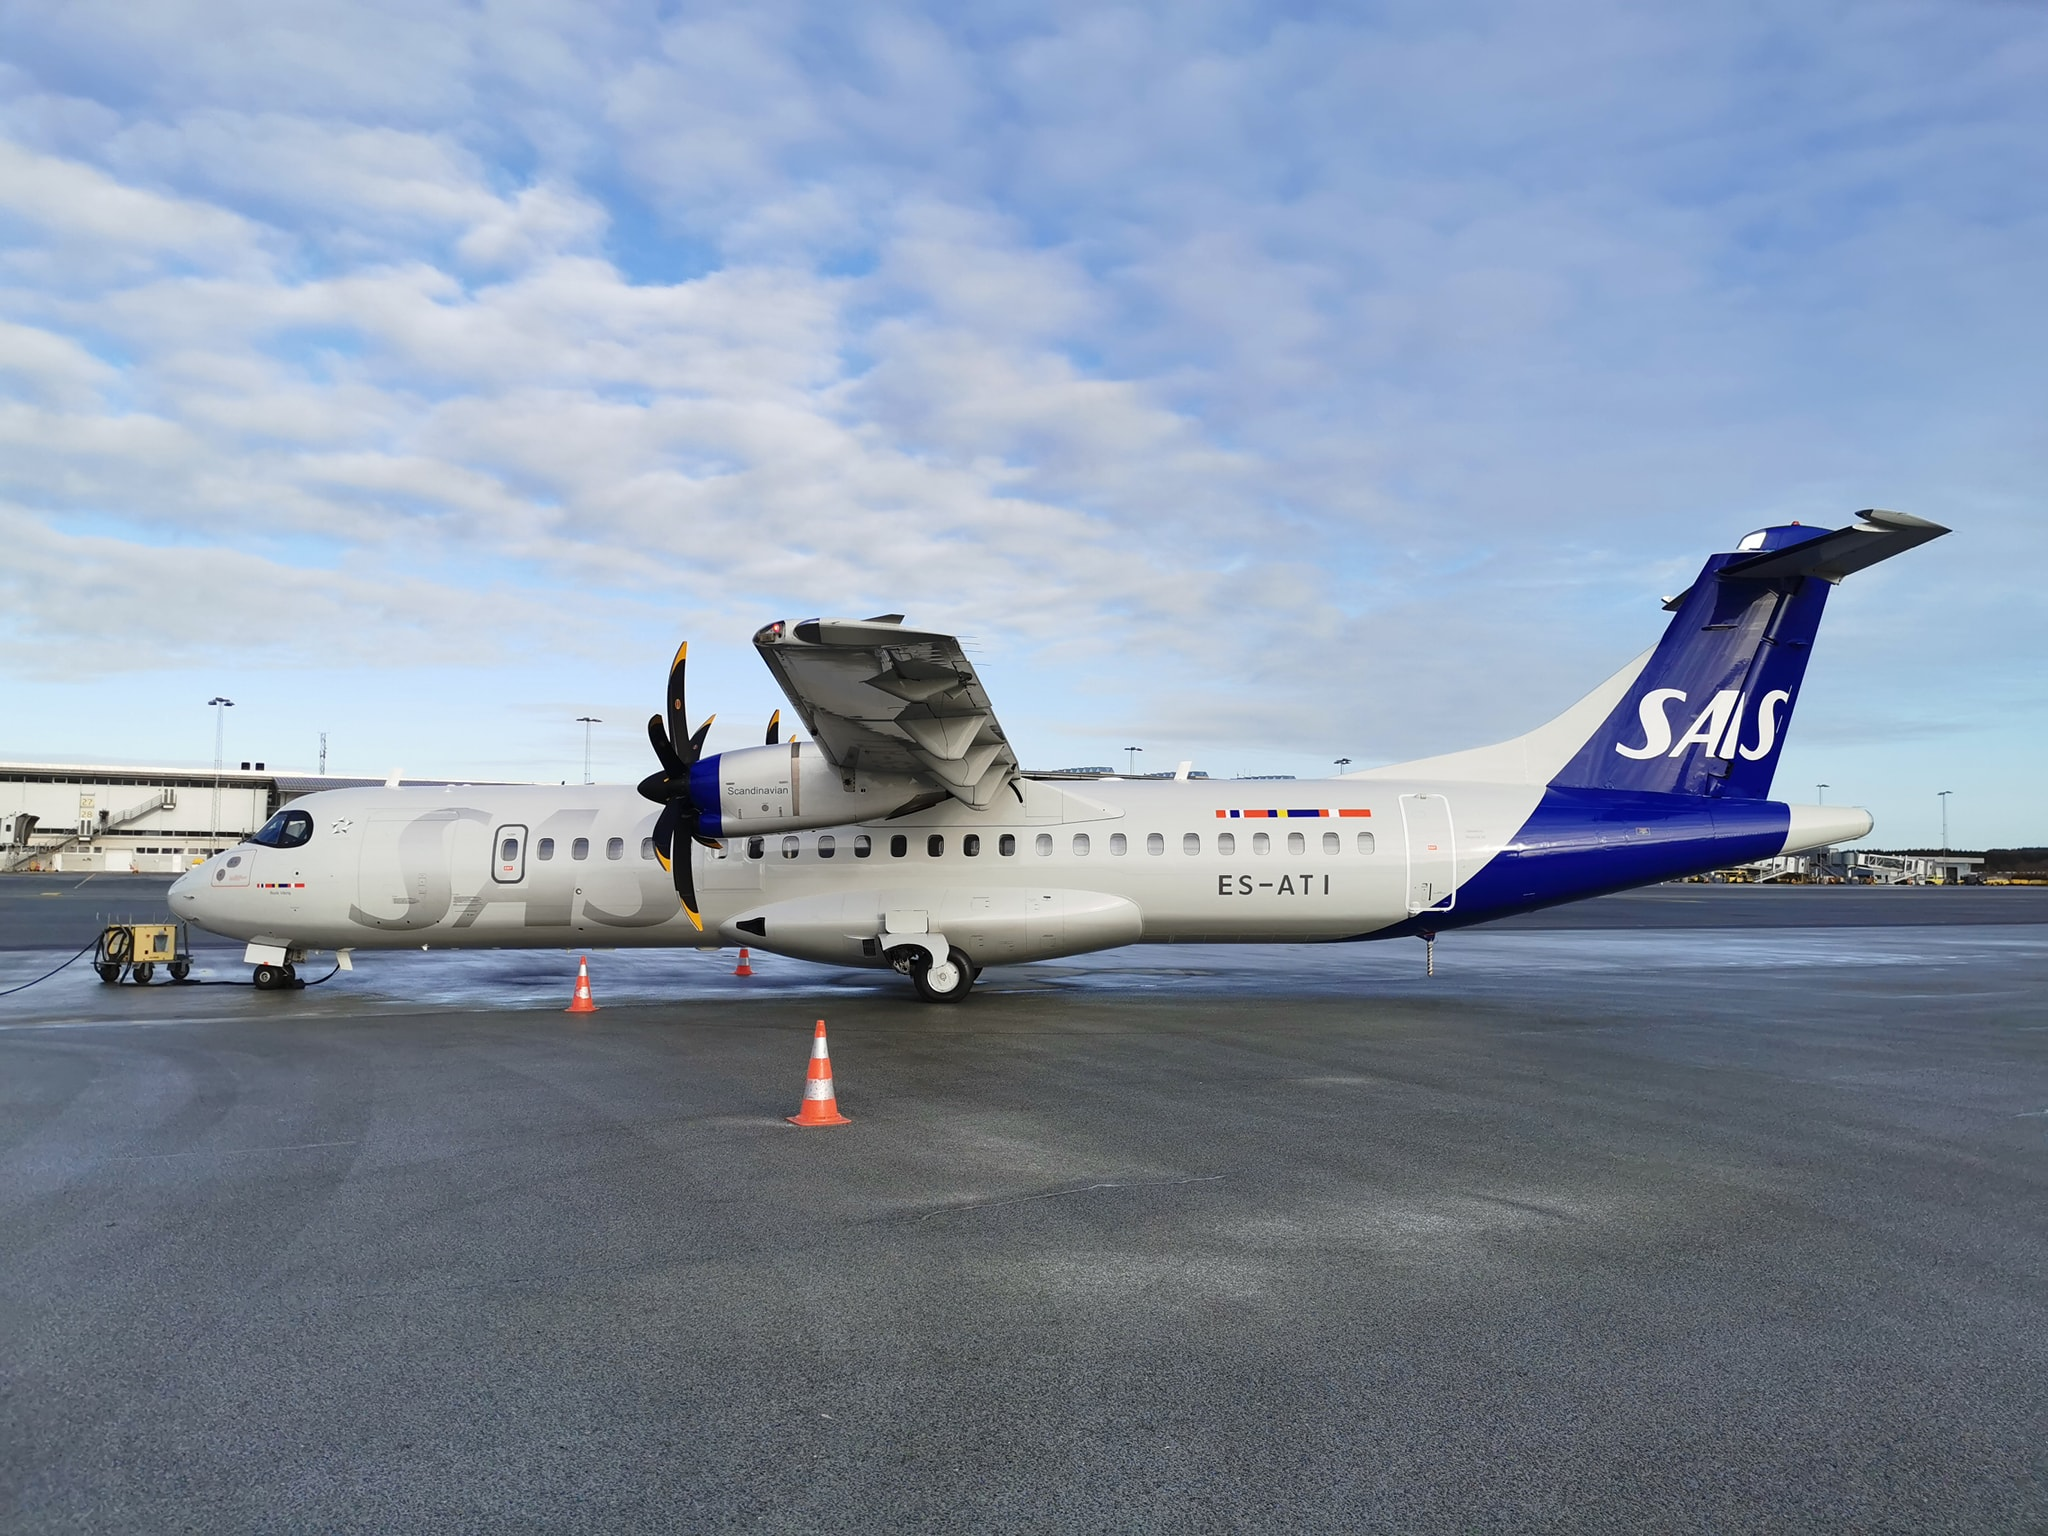 SAS ATR 72-600 i Billund Lufthavn. (Foto: Kim Wolff)